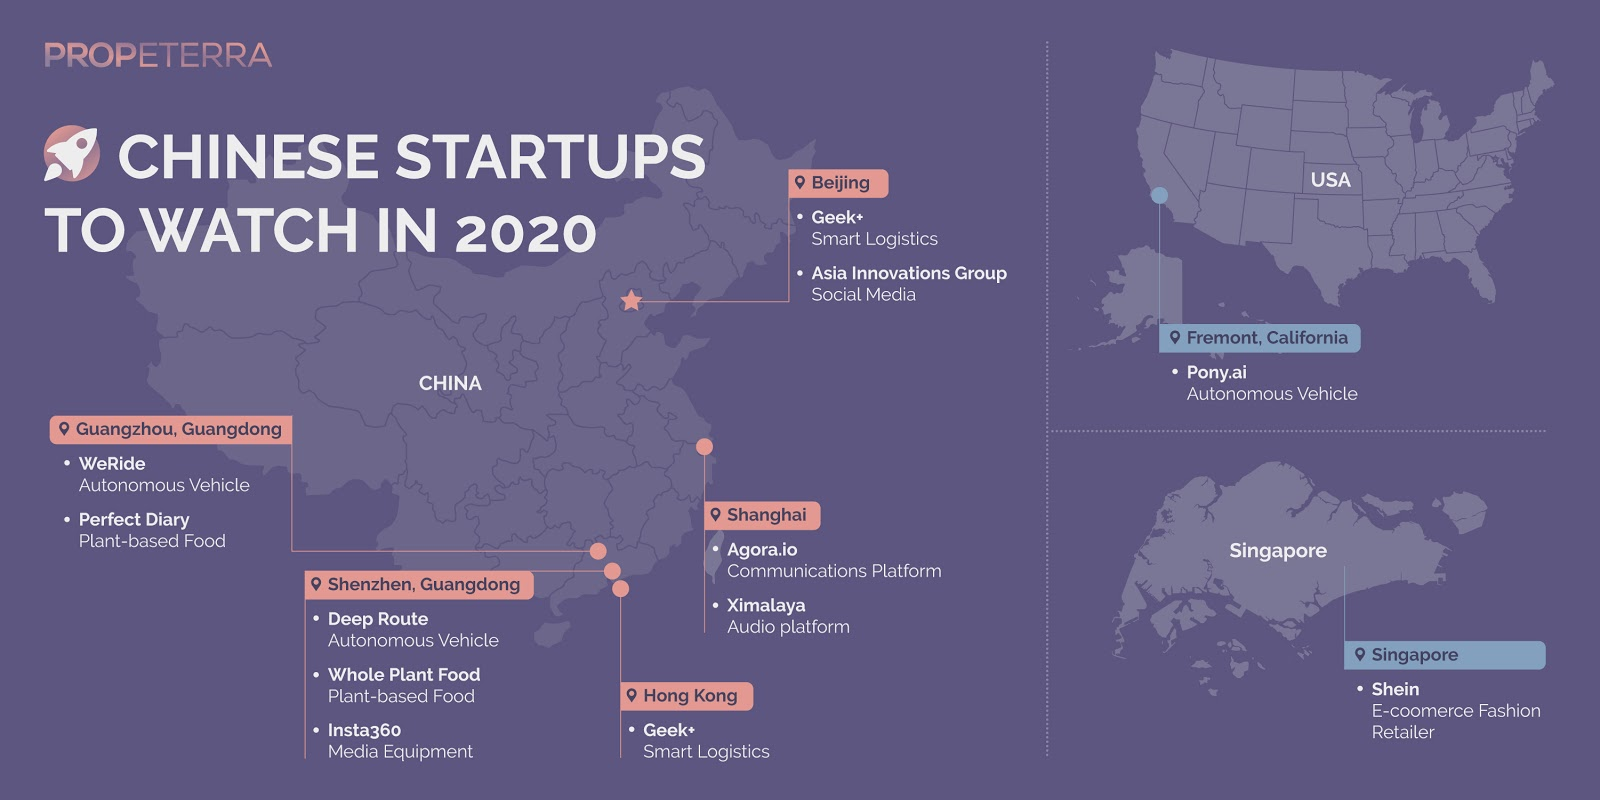 Chinese startups